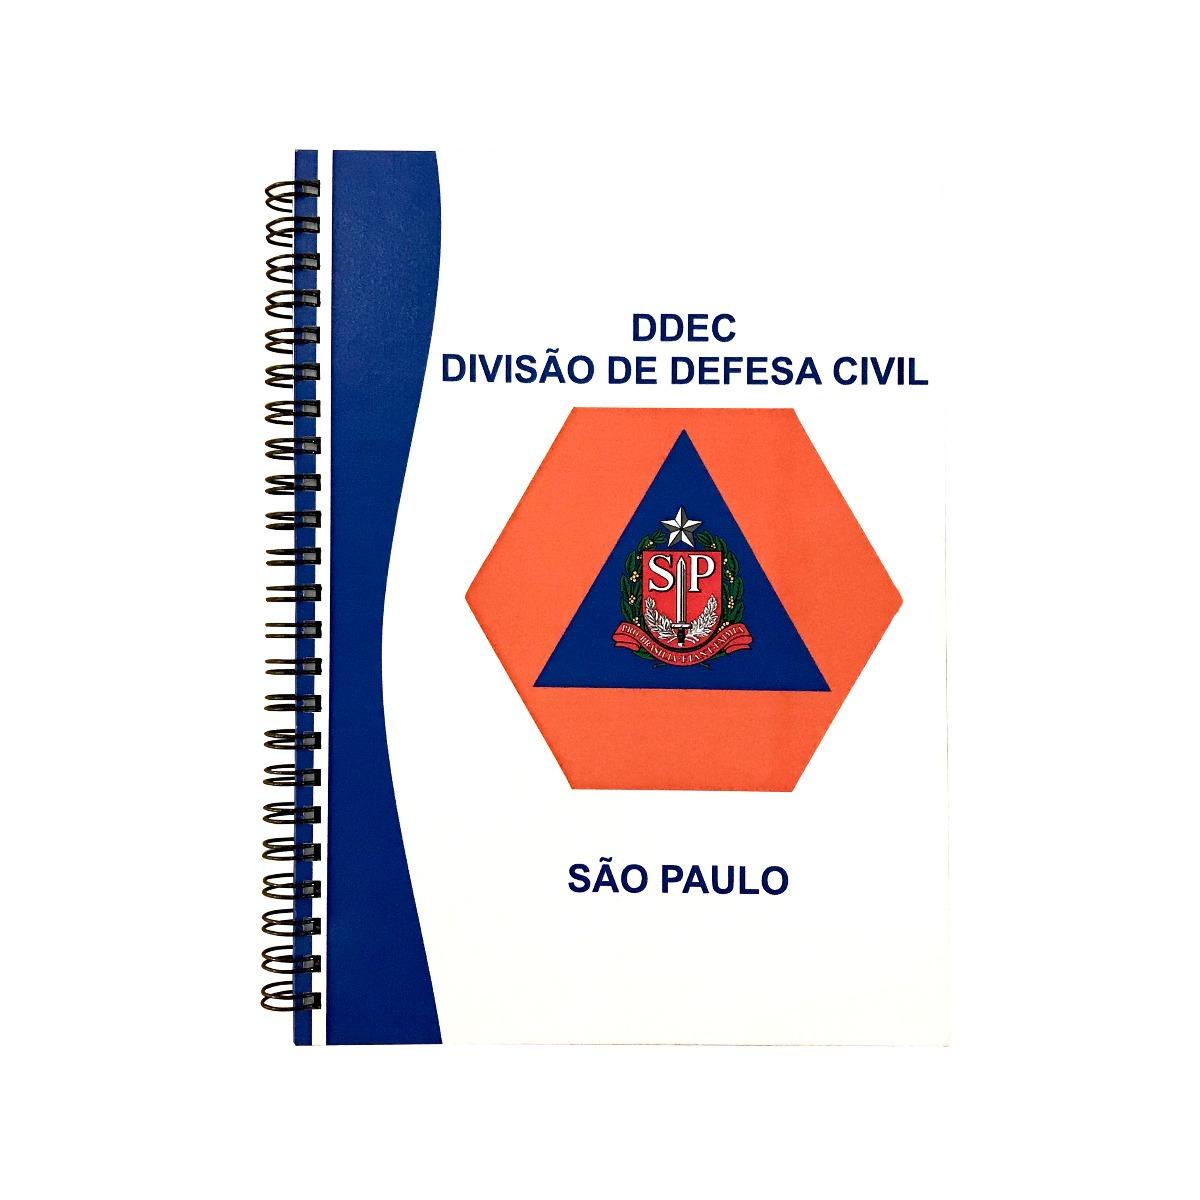 da6cc5265 50 Cadernos Personalizados Capa Dura 14